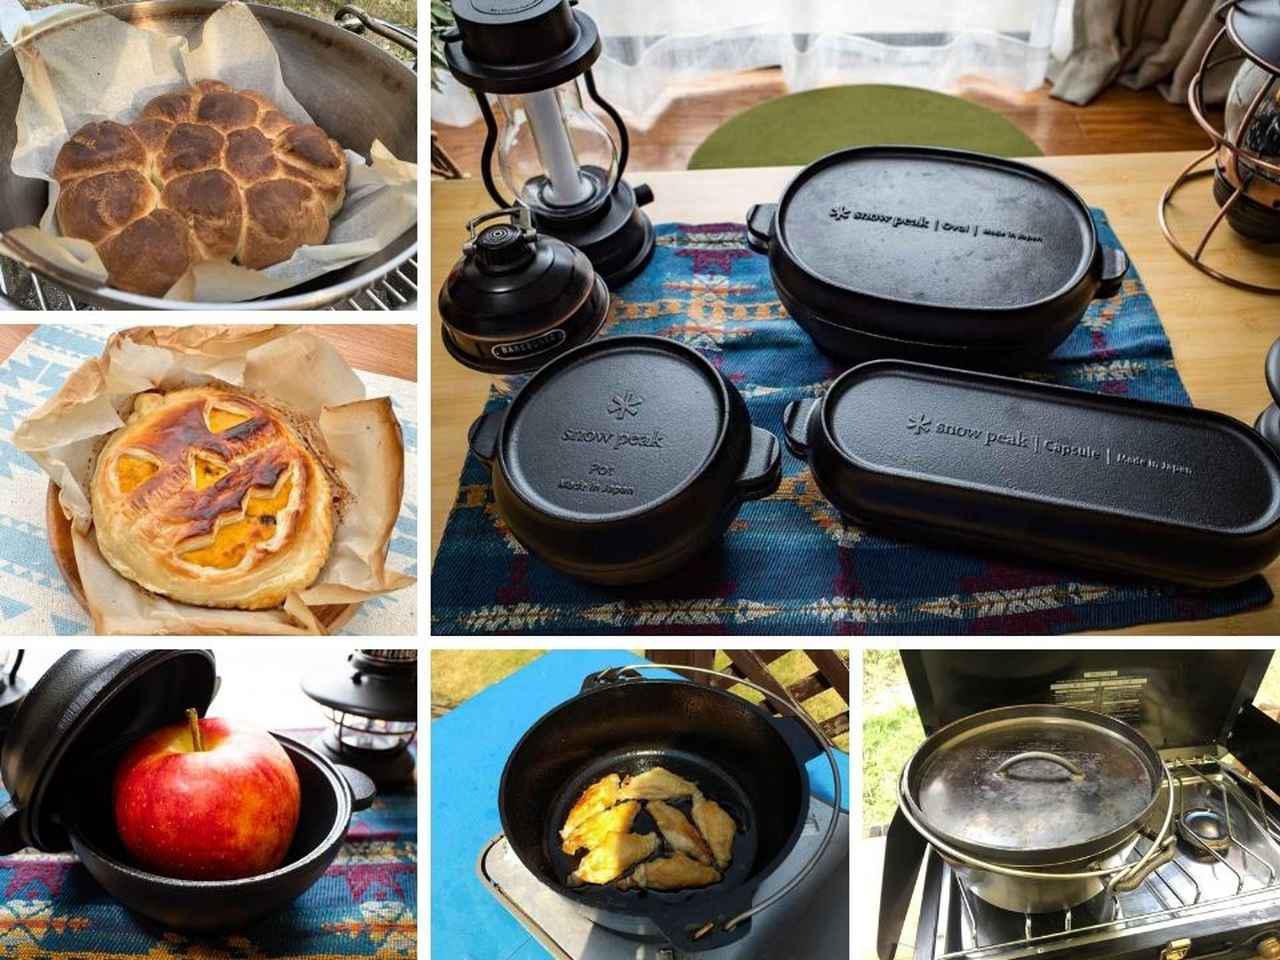 画像1: 【まとめ】ダッチオーブンのおすすめ4選&絶品レシピ10選! ニトリ・ユニフレーム・スノーピークなど人気商品レビューを一挙公開 - ハピキャン(HAPPY CAMPER)